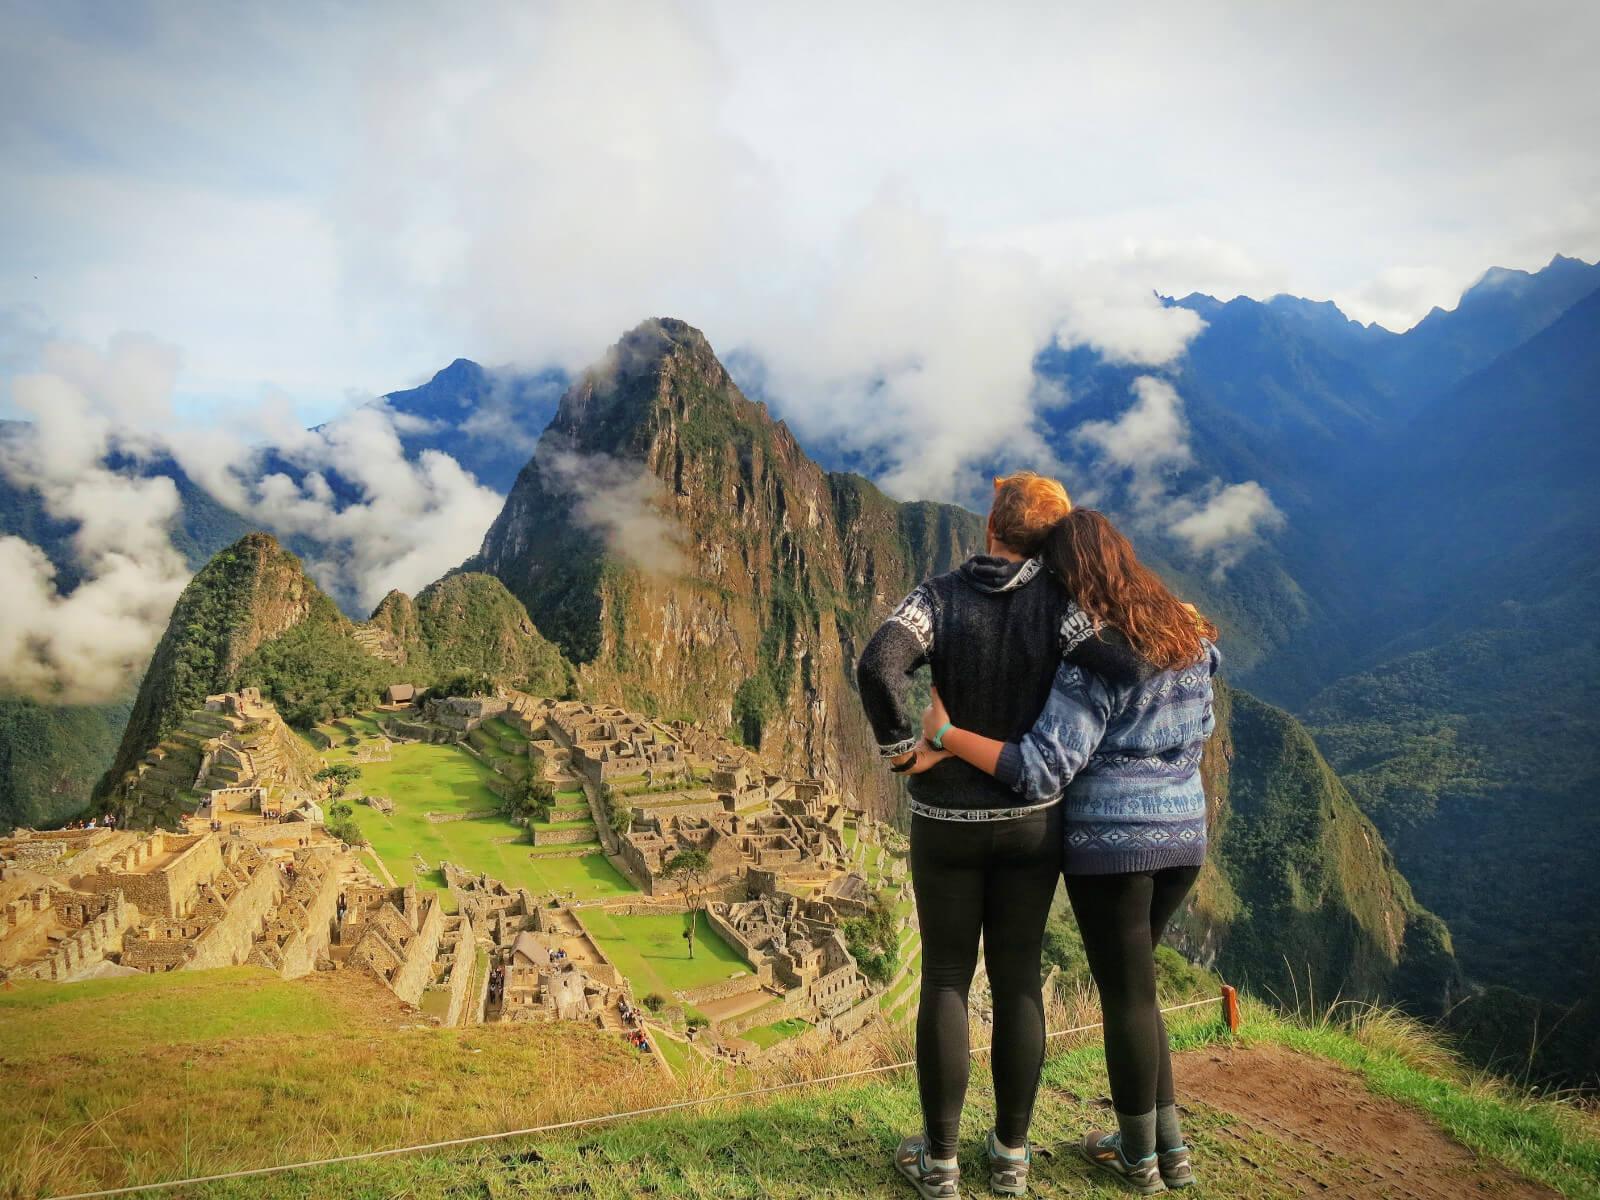 Bundled up at Machu Picchu in Peru.